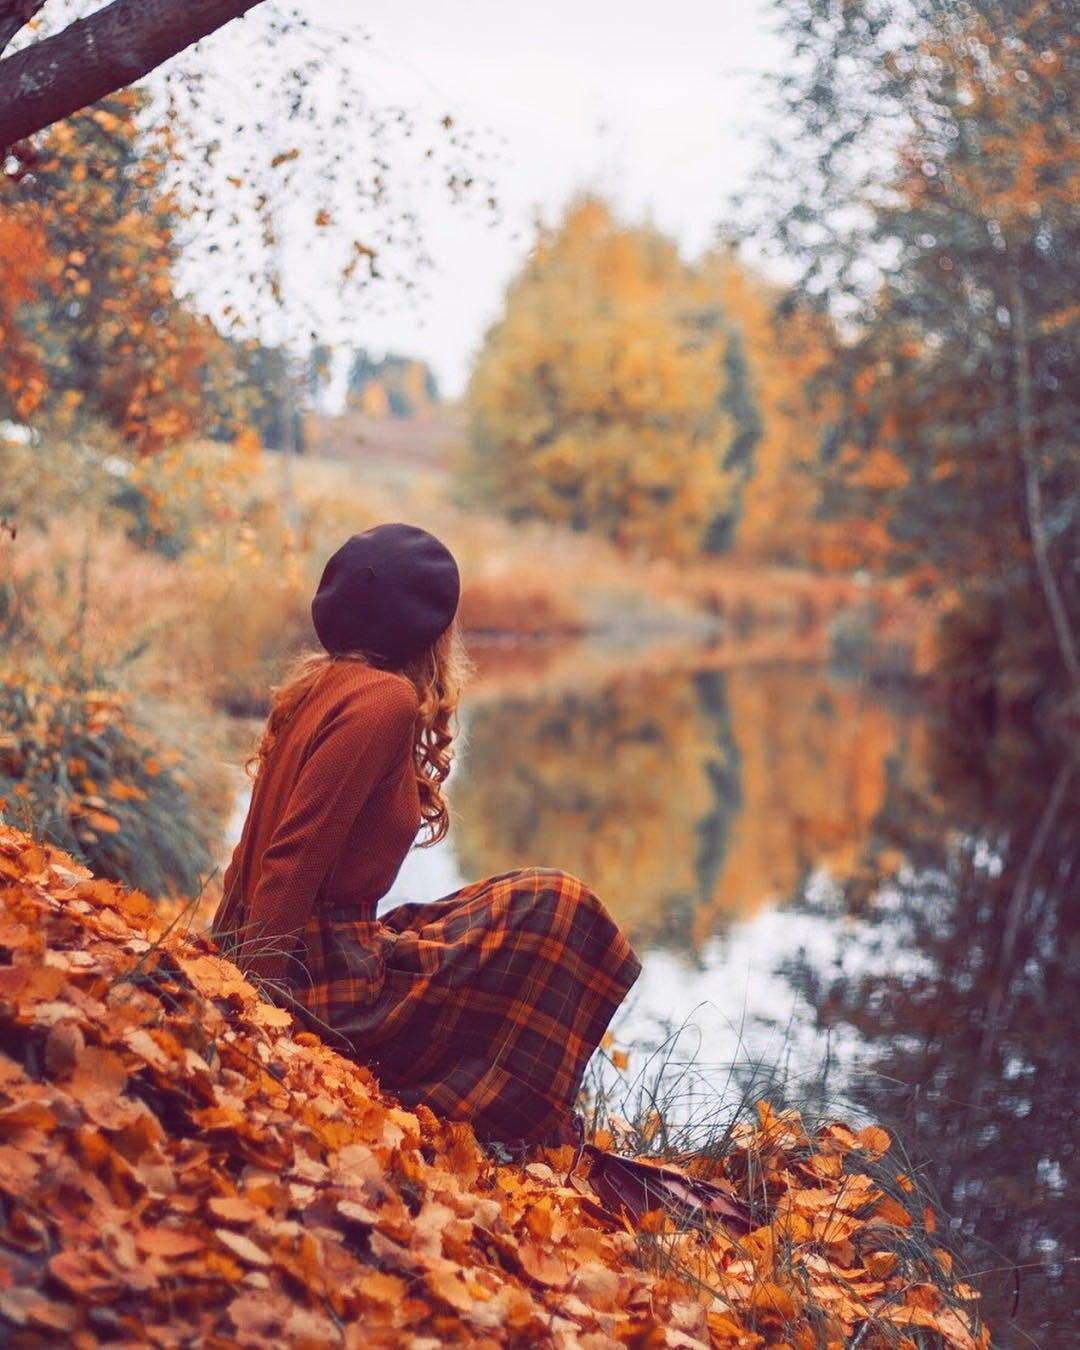 оформления осень грустная и теплая картинки статьи узнаете, чем